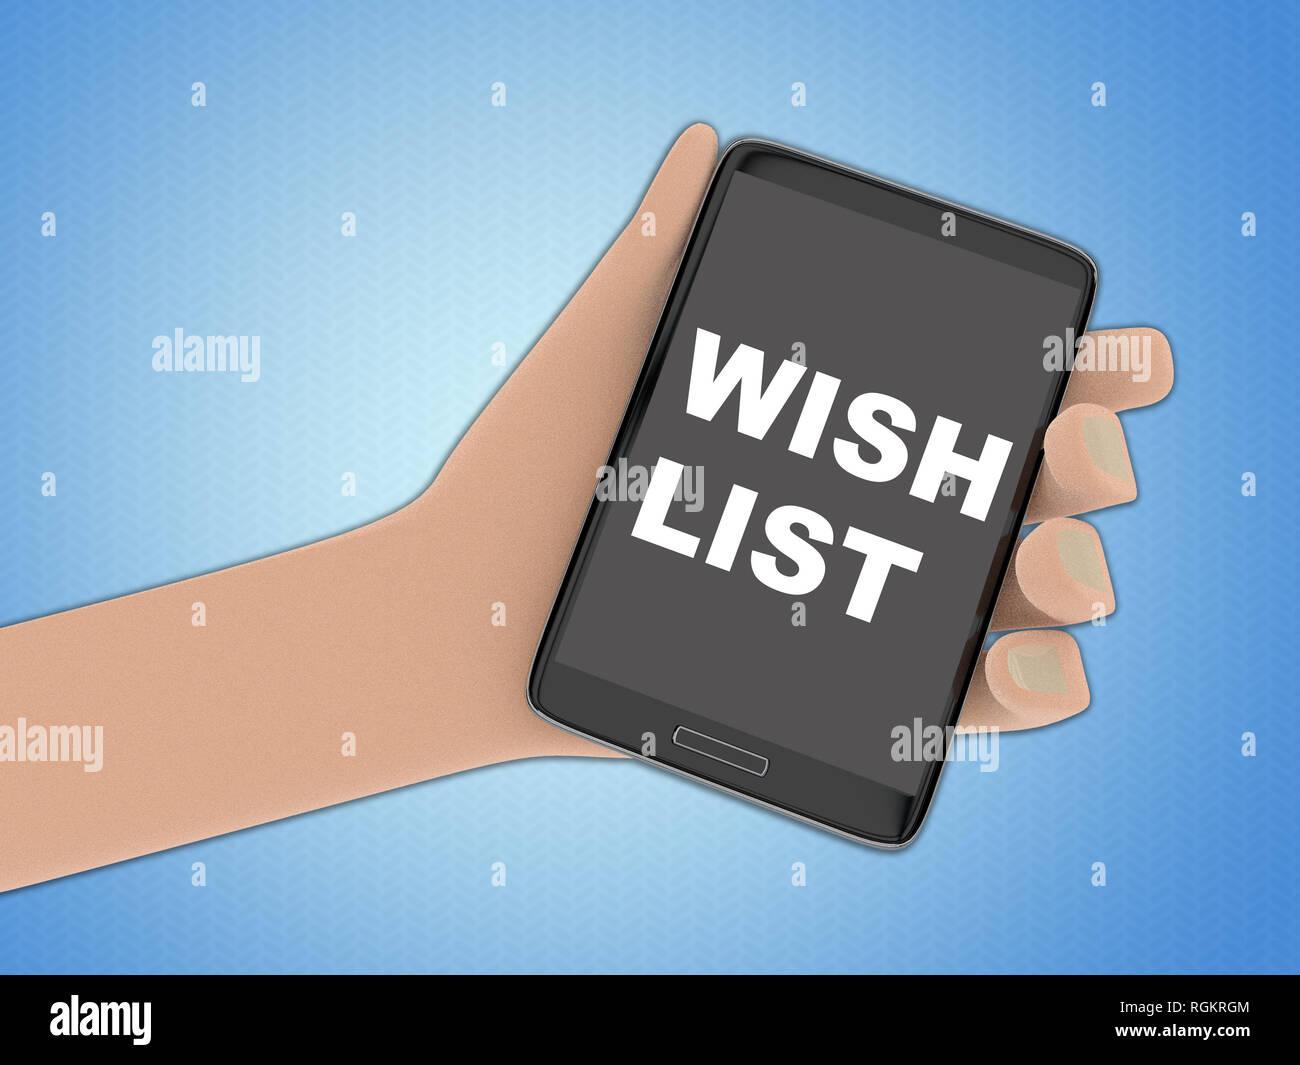 Illustration 3D de la liste de souhaits script sur l\u0027écran d\u0027un téléphone